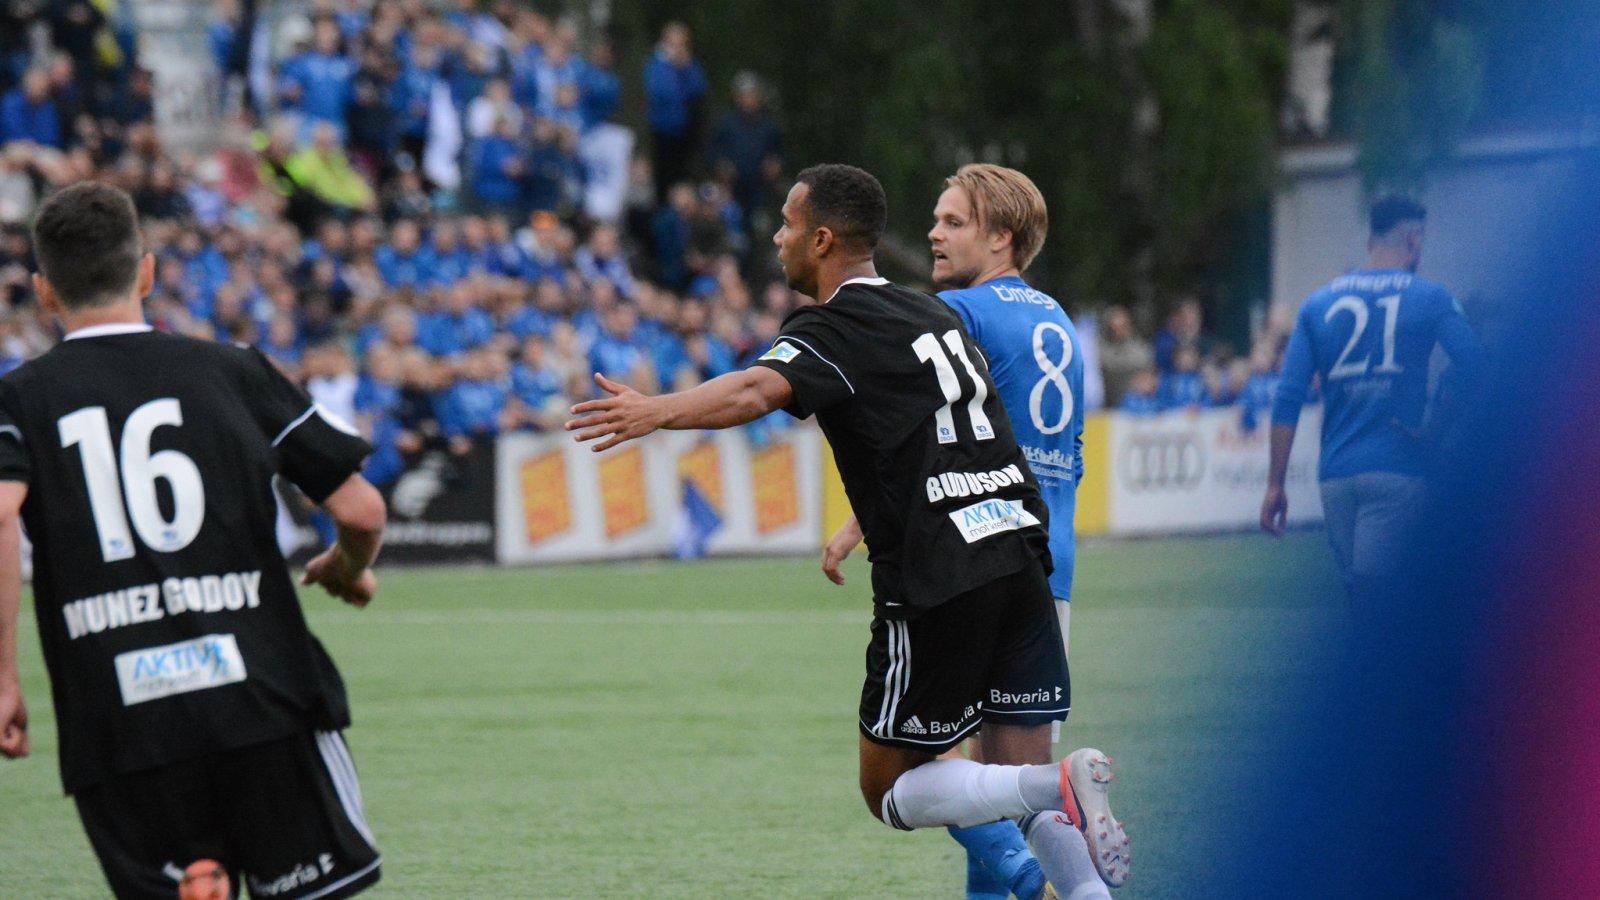 Johnny Buduson scoret mot Kjelsås, som han gjorde i cupkampen tidligere i går. (Arkivfoto: Anders Vindegg)